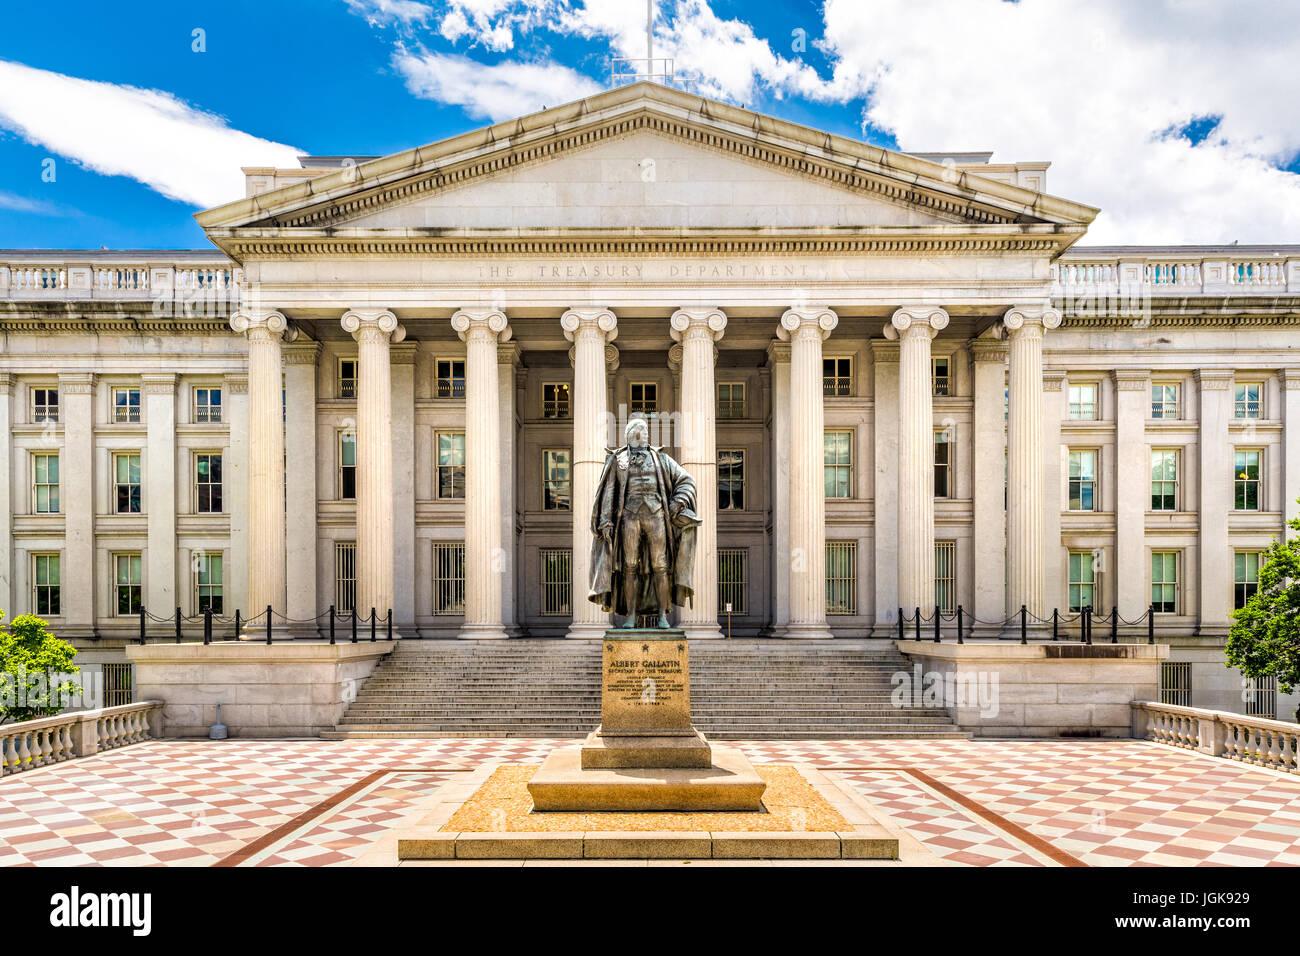 Il Ministero del Tesoro a Washington D.C. Questo edificio pubblico è una Pietra Miliare Storica Nazionale e Immagini Stock